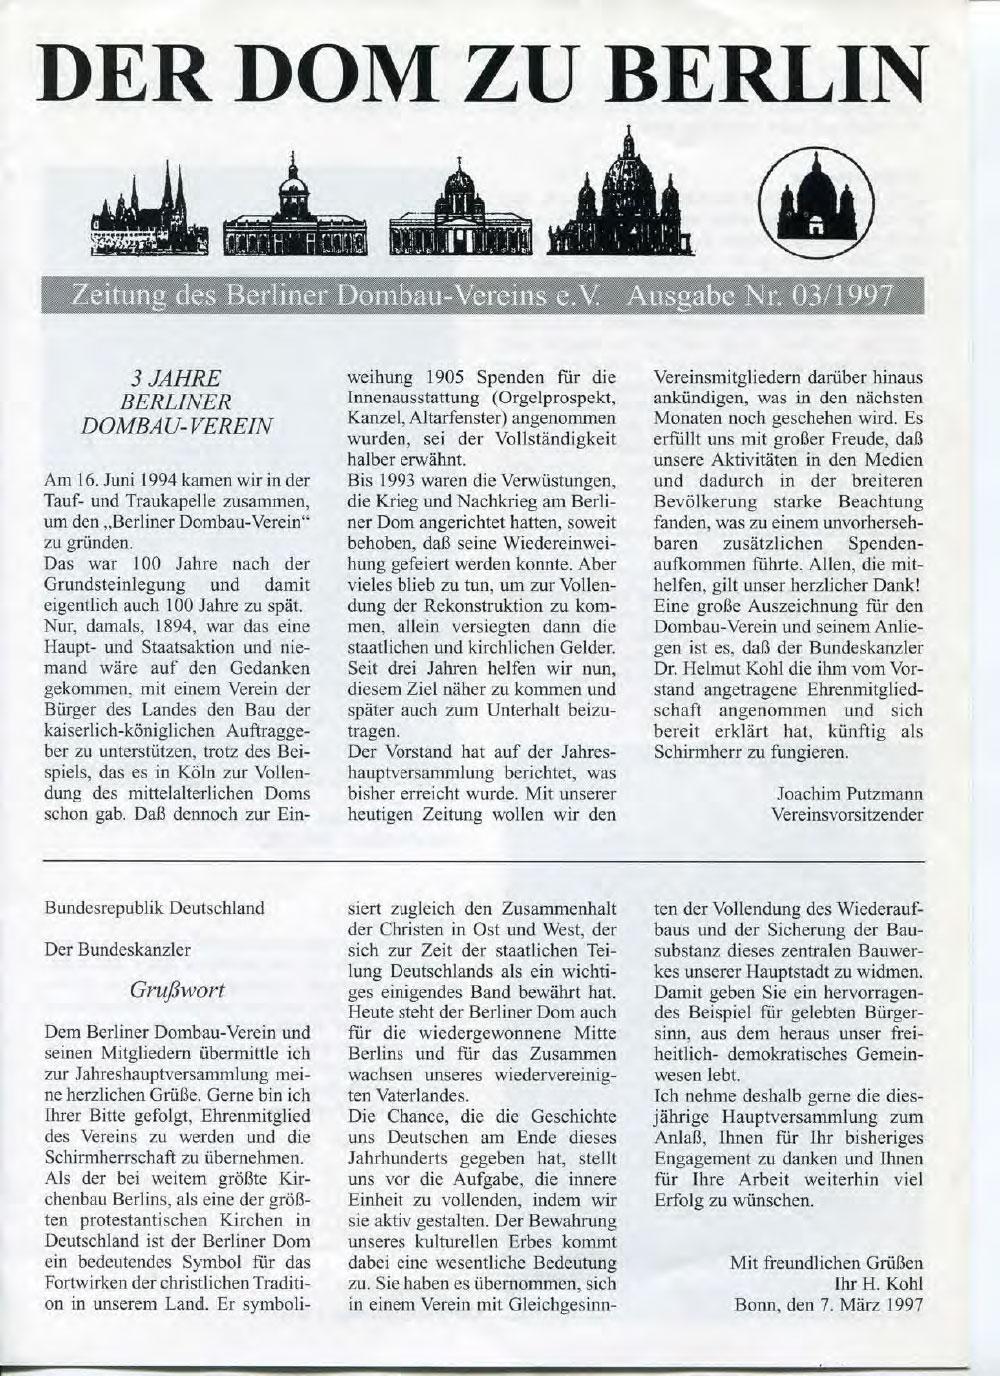 Dombau-Verein-Berlin Zeitung 03